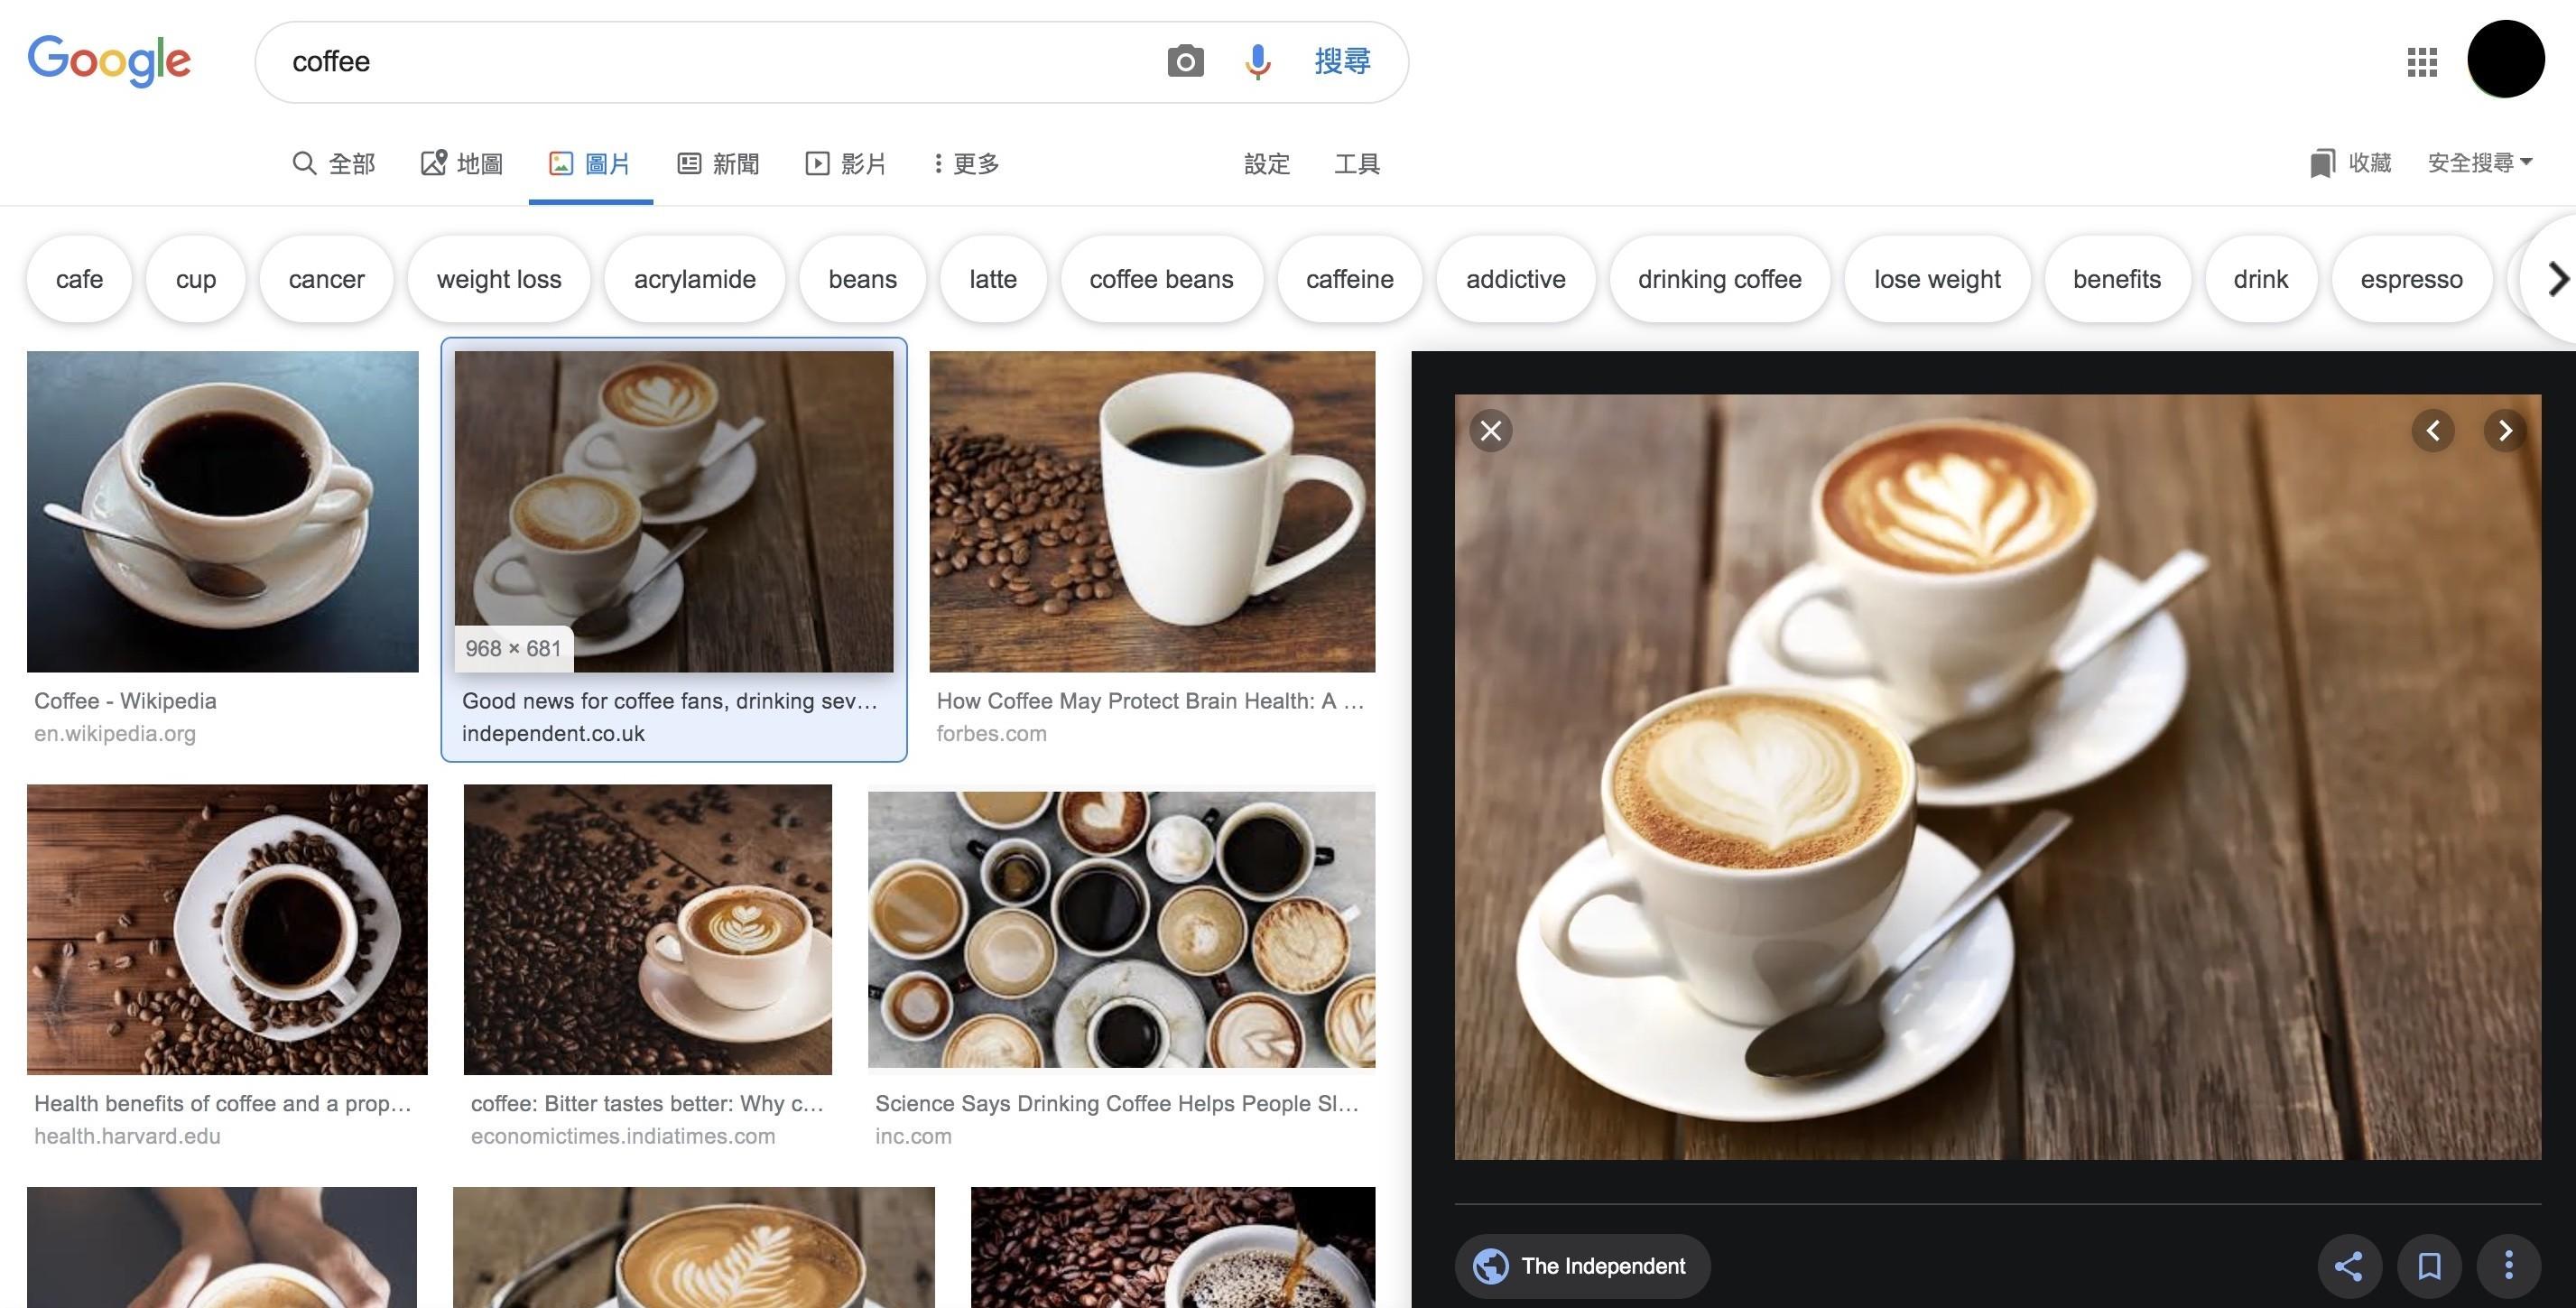 Google搜圖引擎-新版預覽窗格|鯊客科技SEO優化網路行銷公司